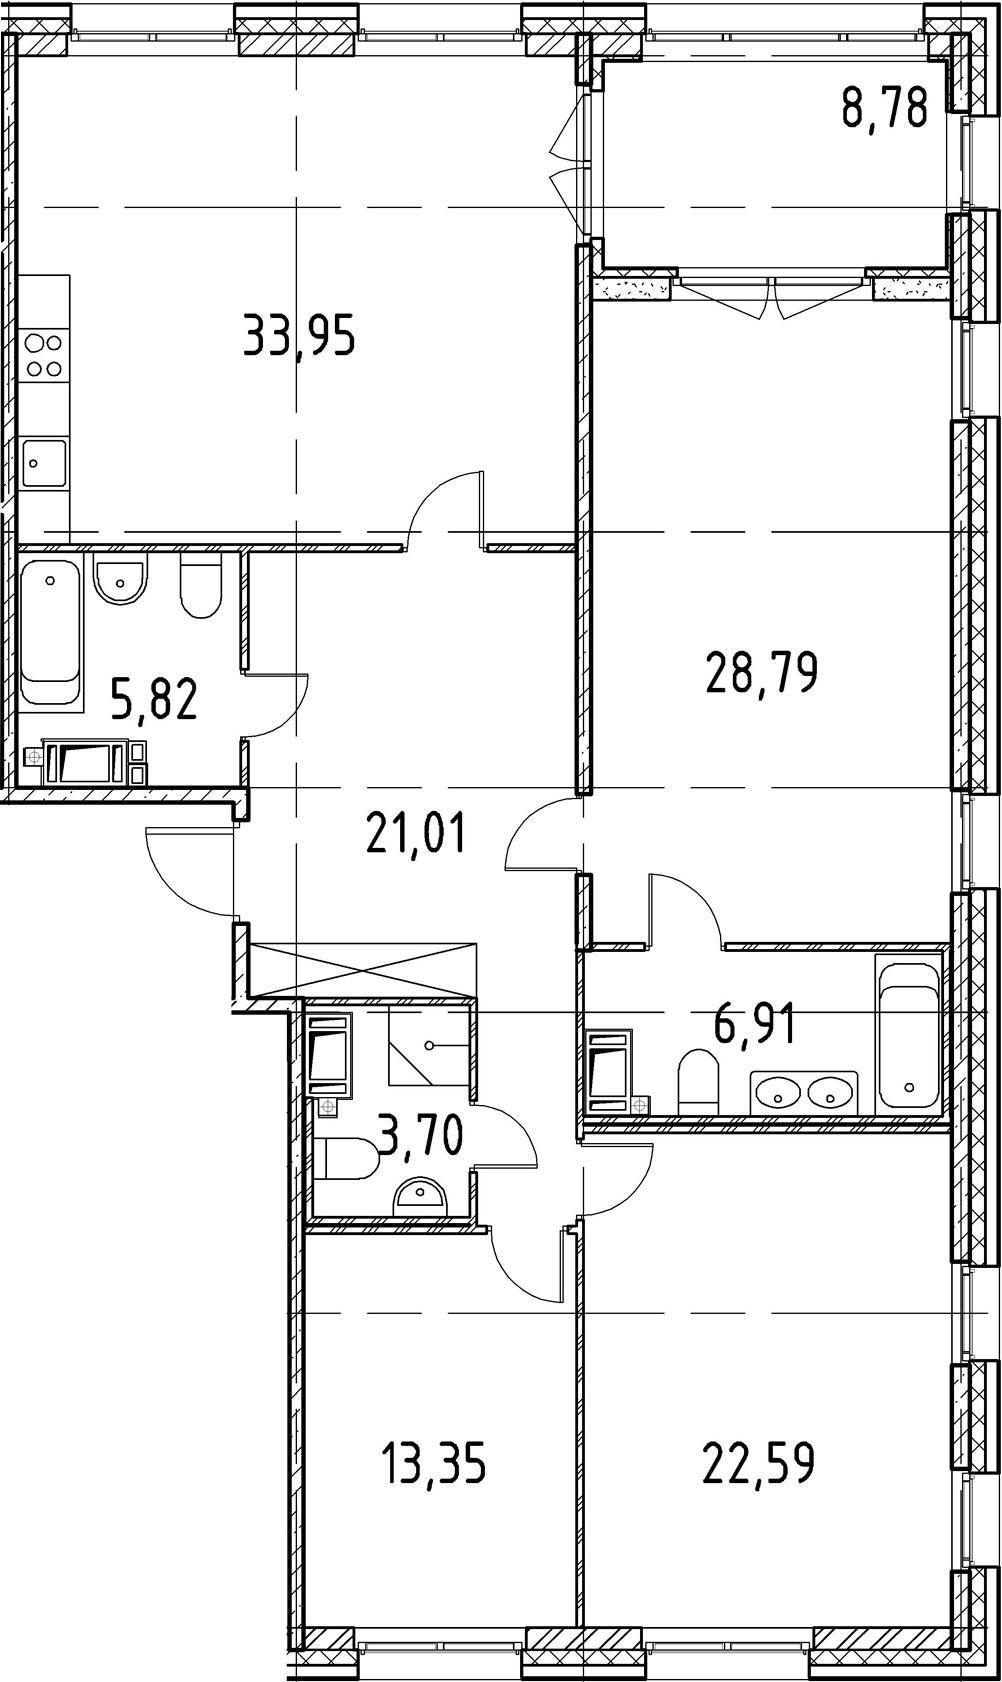 3-к.кв, 136.12 м², 3 этаж